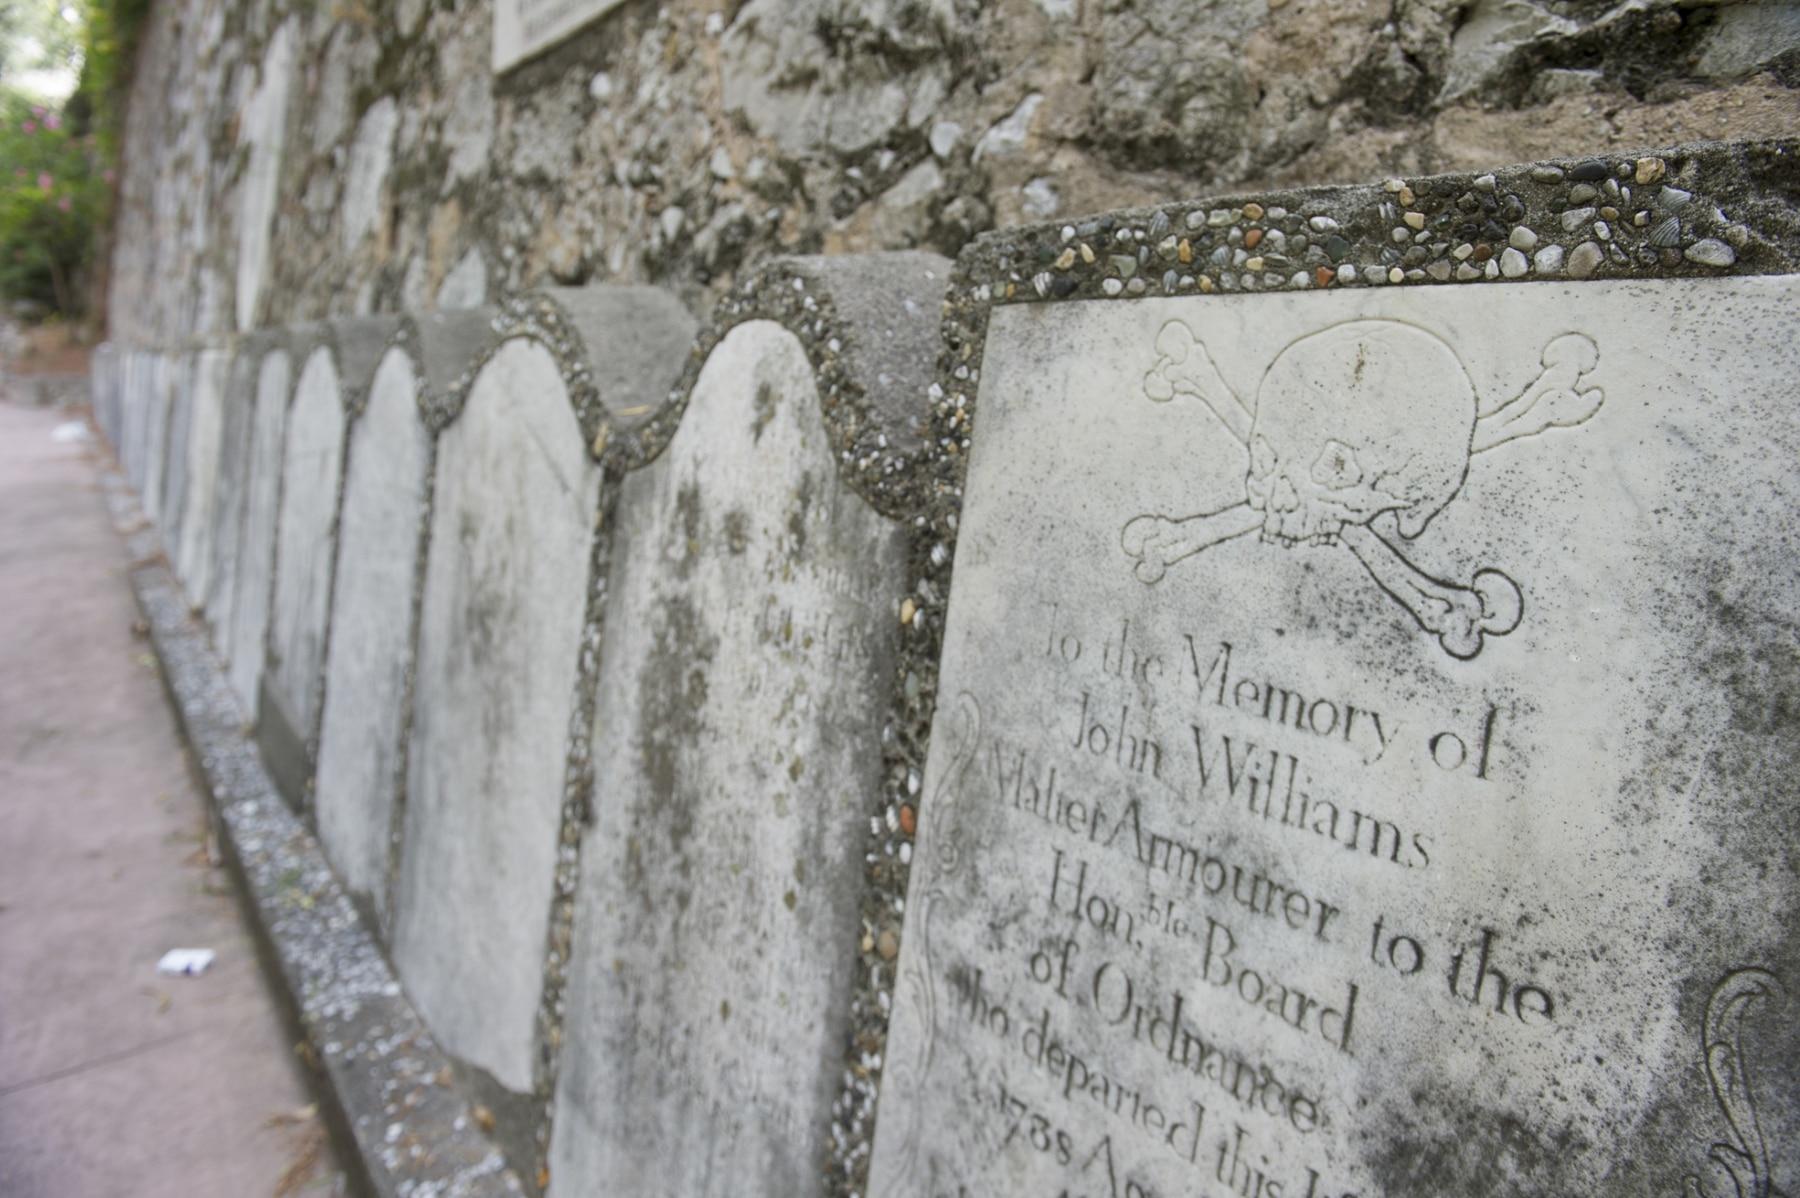 cementerio-de-trafalgar-gibraltar_22556651580_o